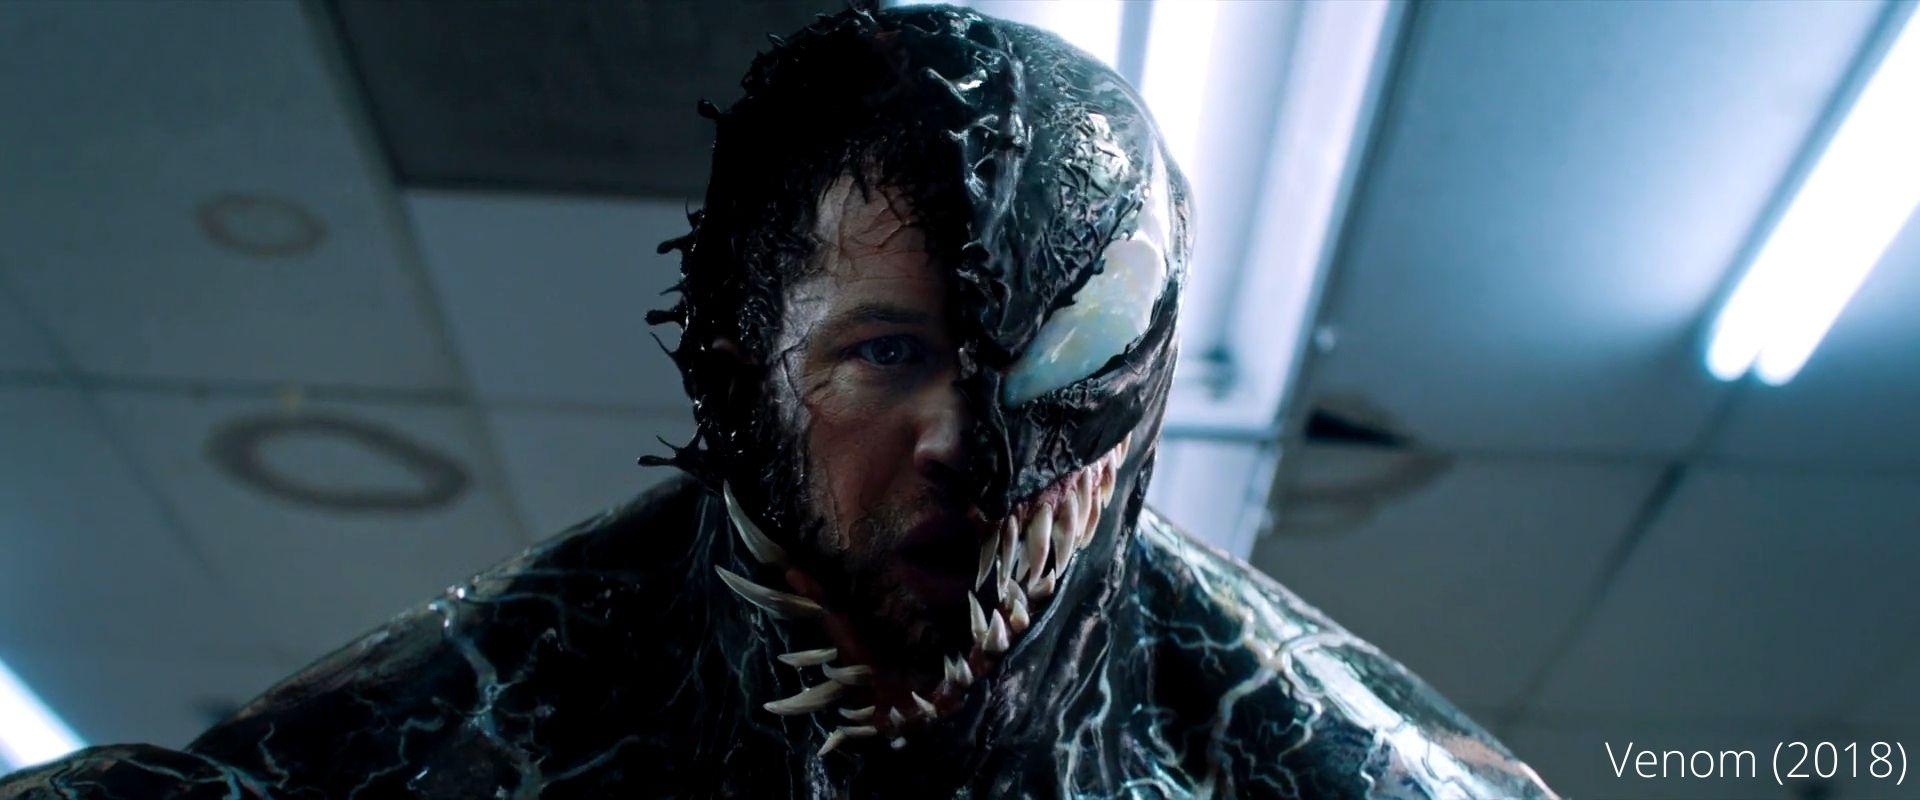 Venom release on Disney Plus